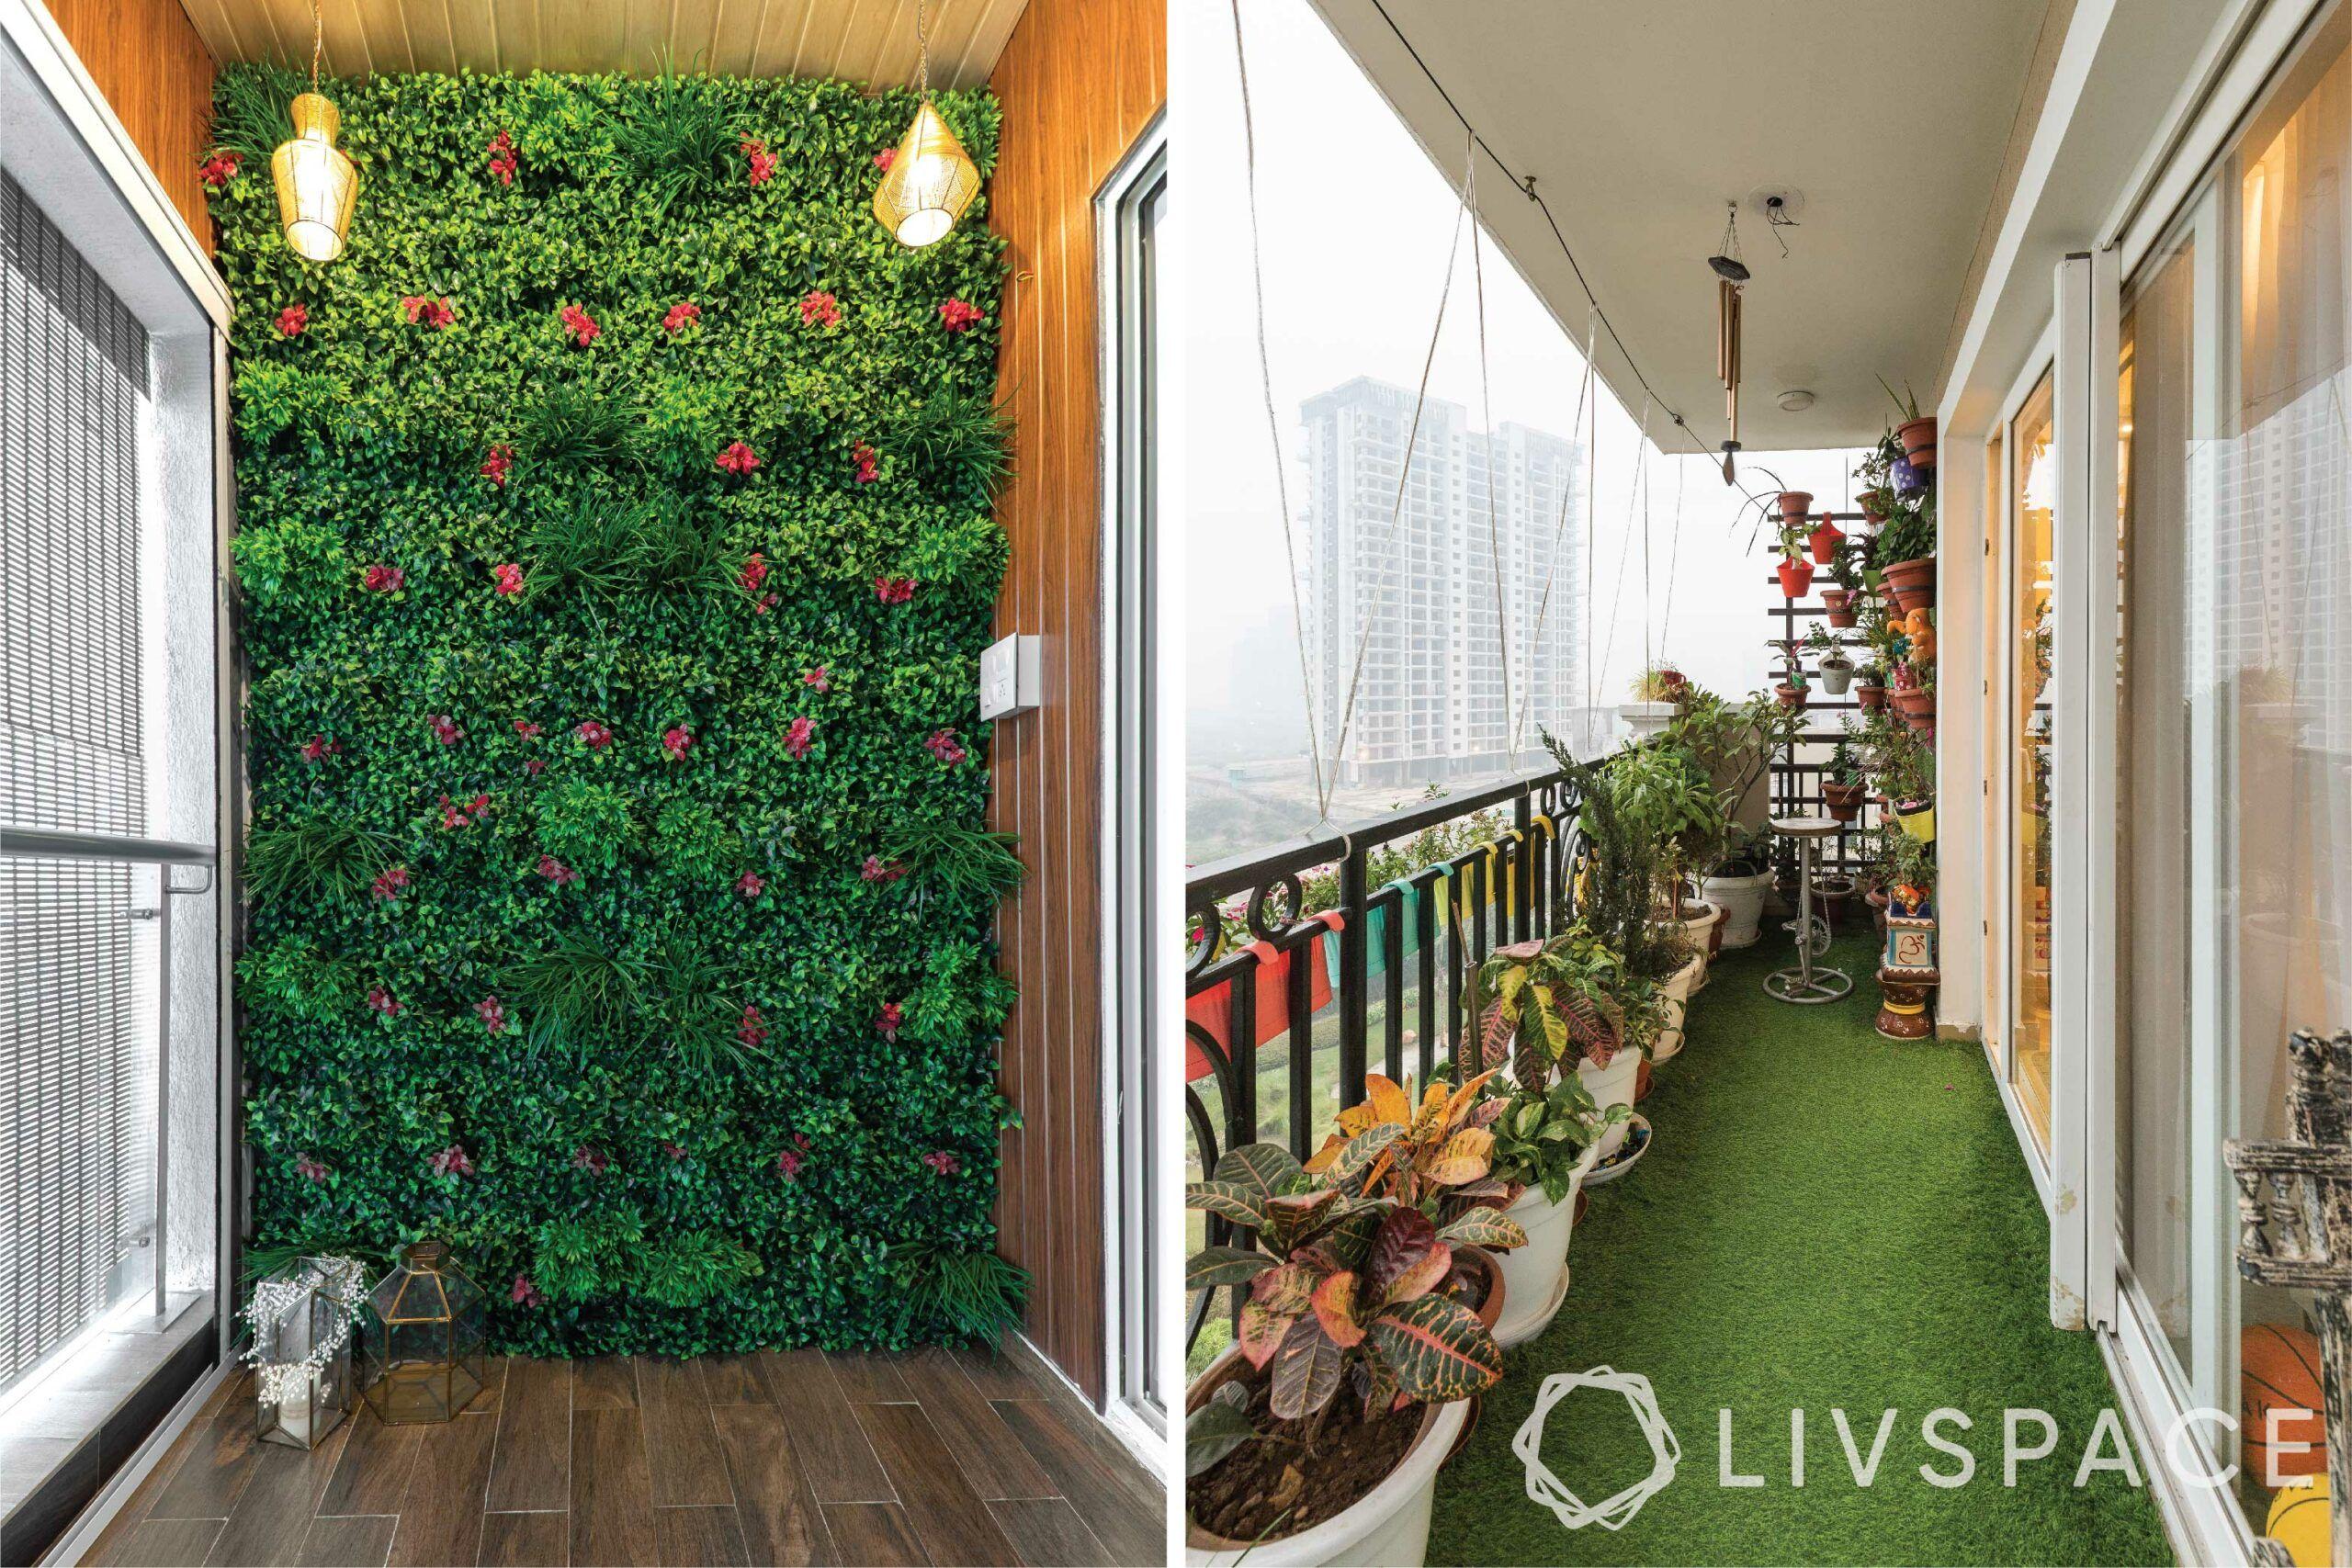 house balcony design-open-closed-planters-vertical garden